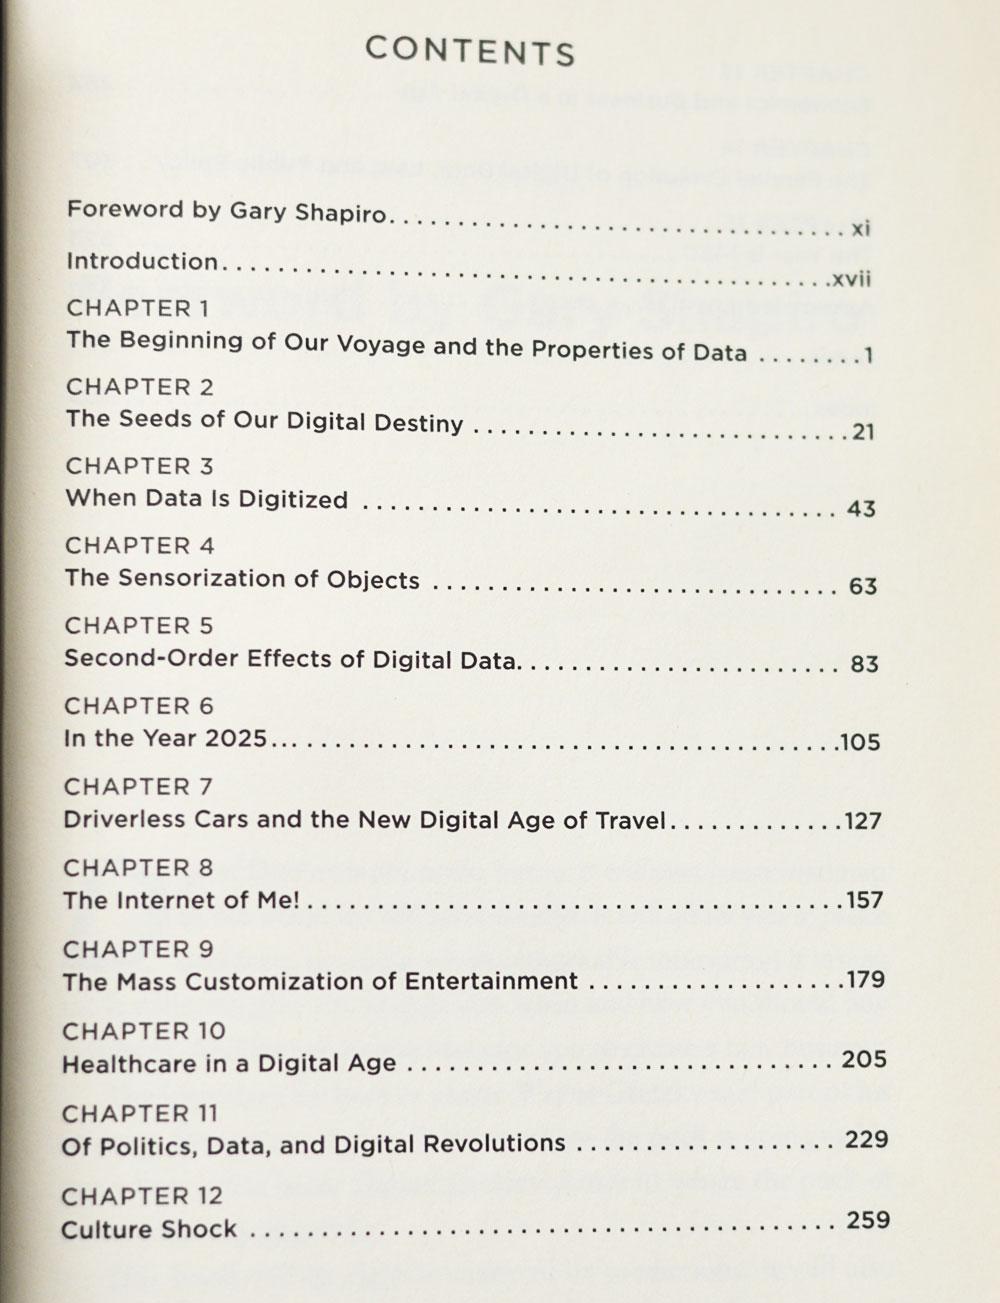 اشاره نادرست هراری به کتاب Digital Destiny به عنوان یکی از منابع کتاب انسان خداگونه